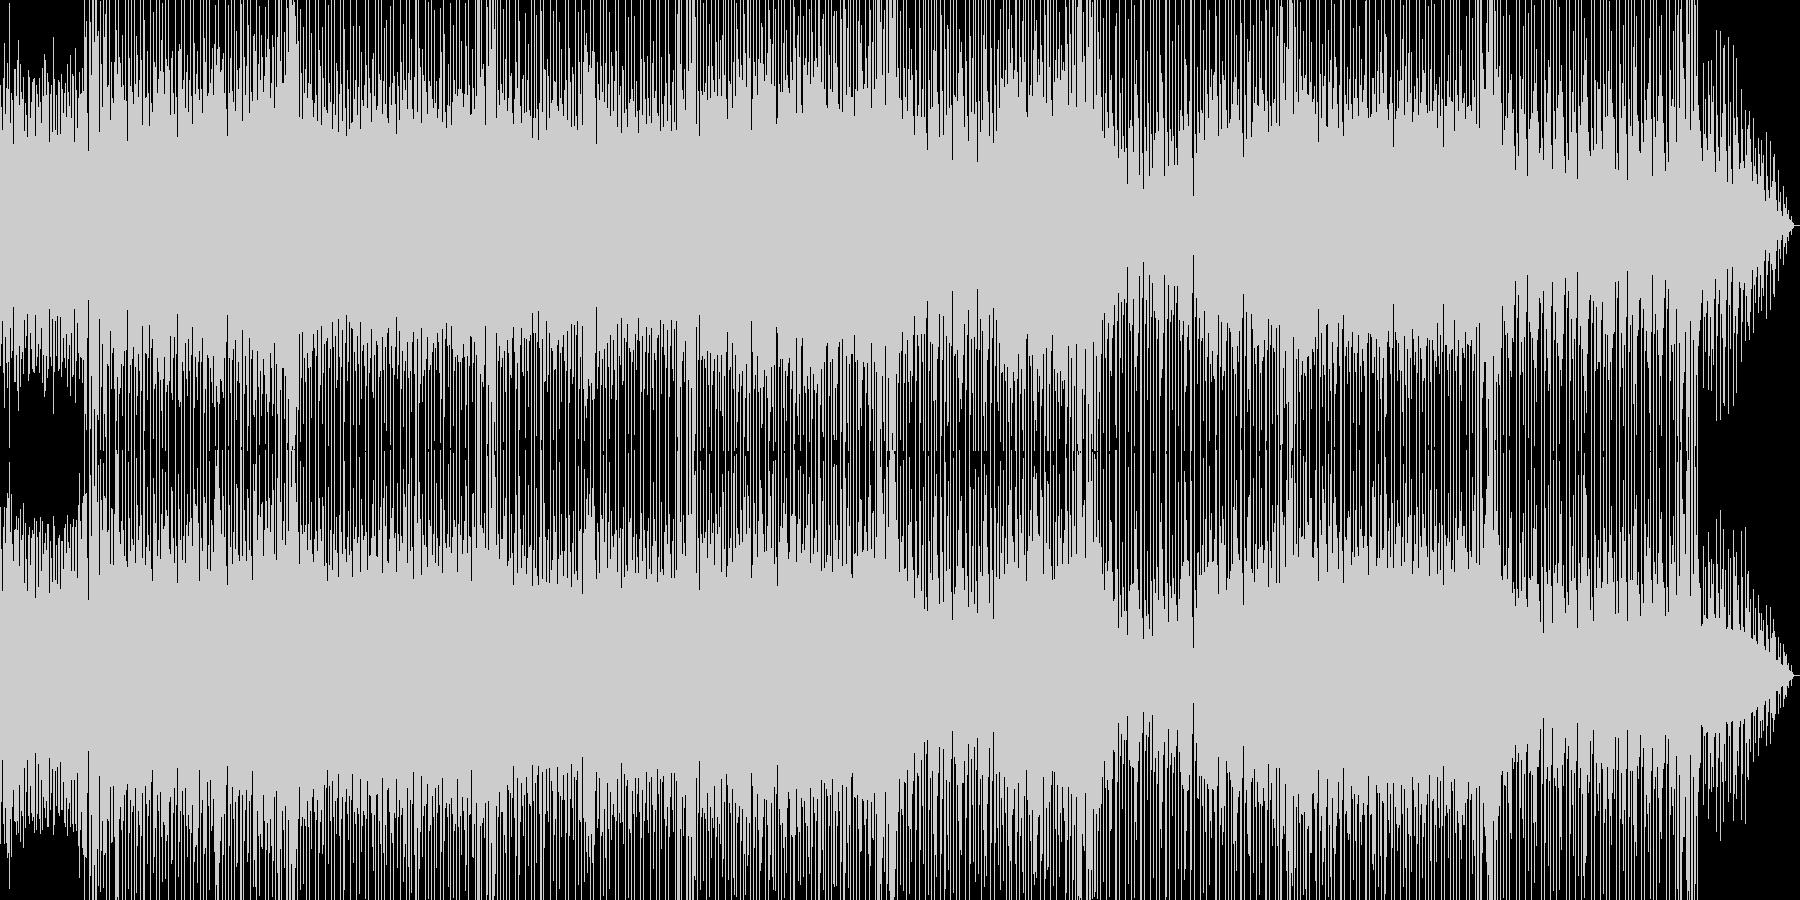 軽快なリズムが印象的なロックBGMの未再生の波形